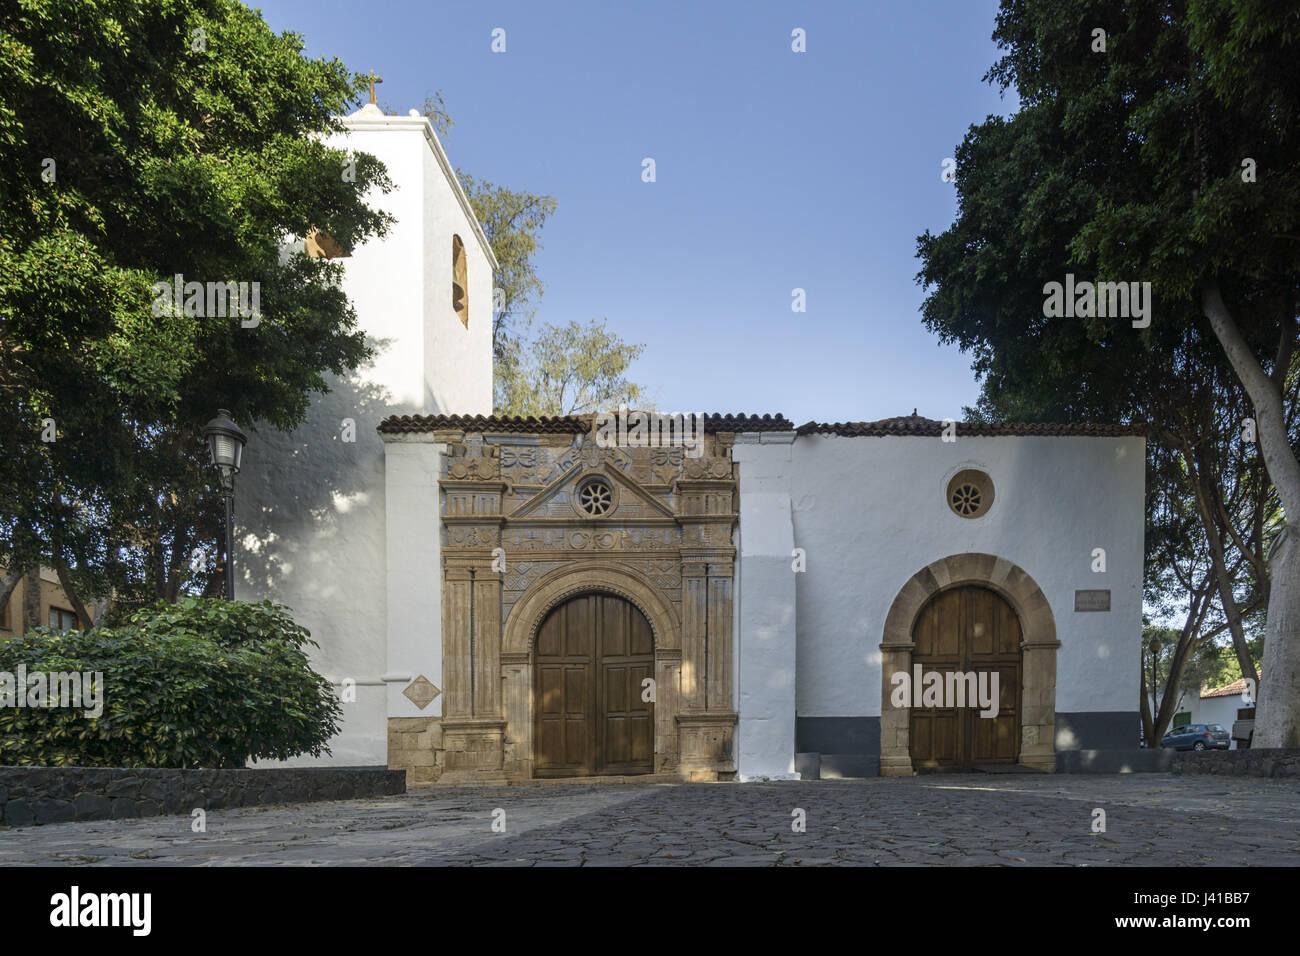 Reich verzierte Portal der Kirche in Pajara, Nuestra Senora de Regla, Fuerteventura, Kanarische Inseln, Spanien Stockbild